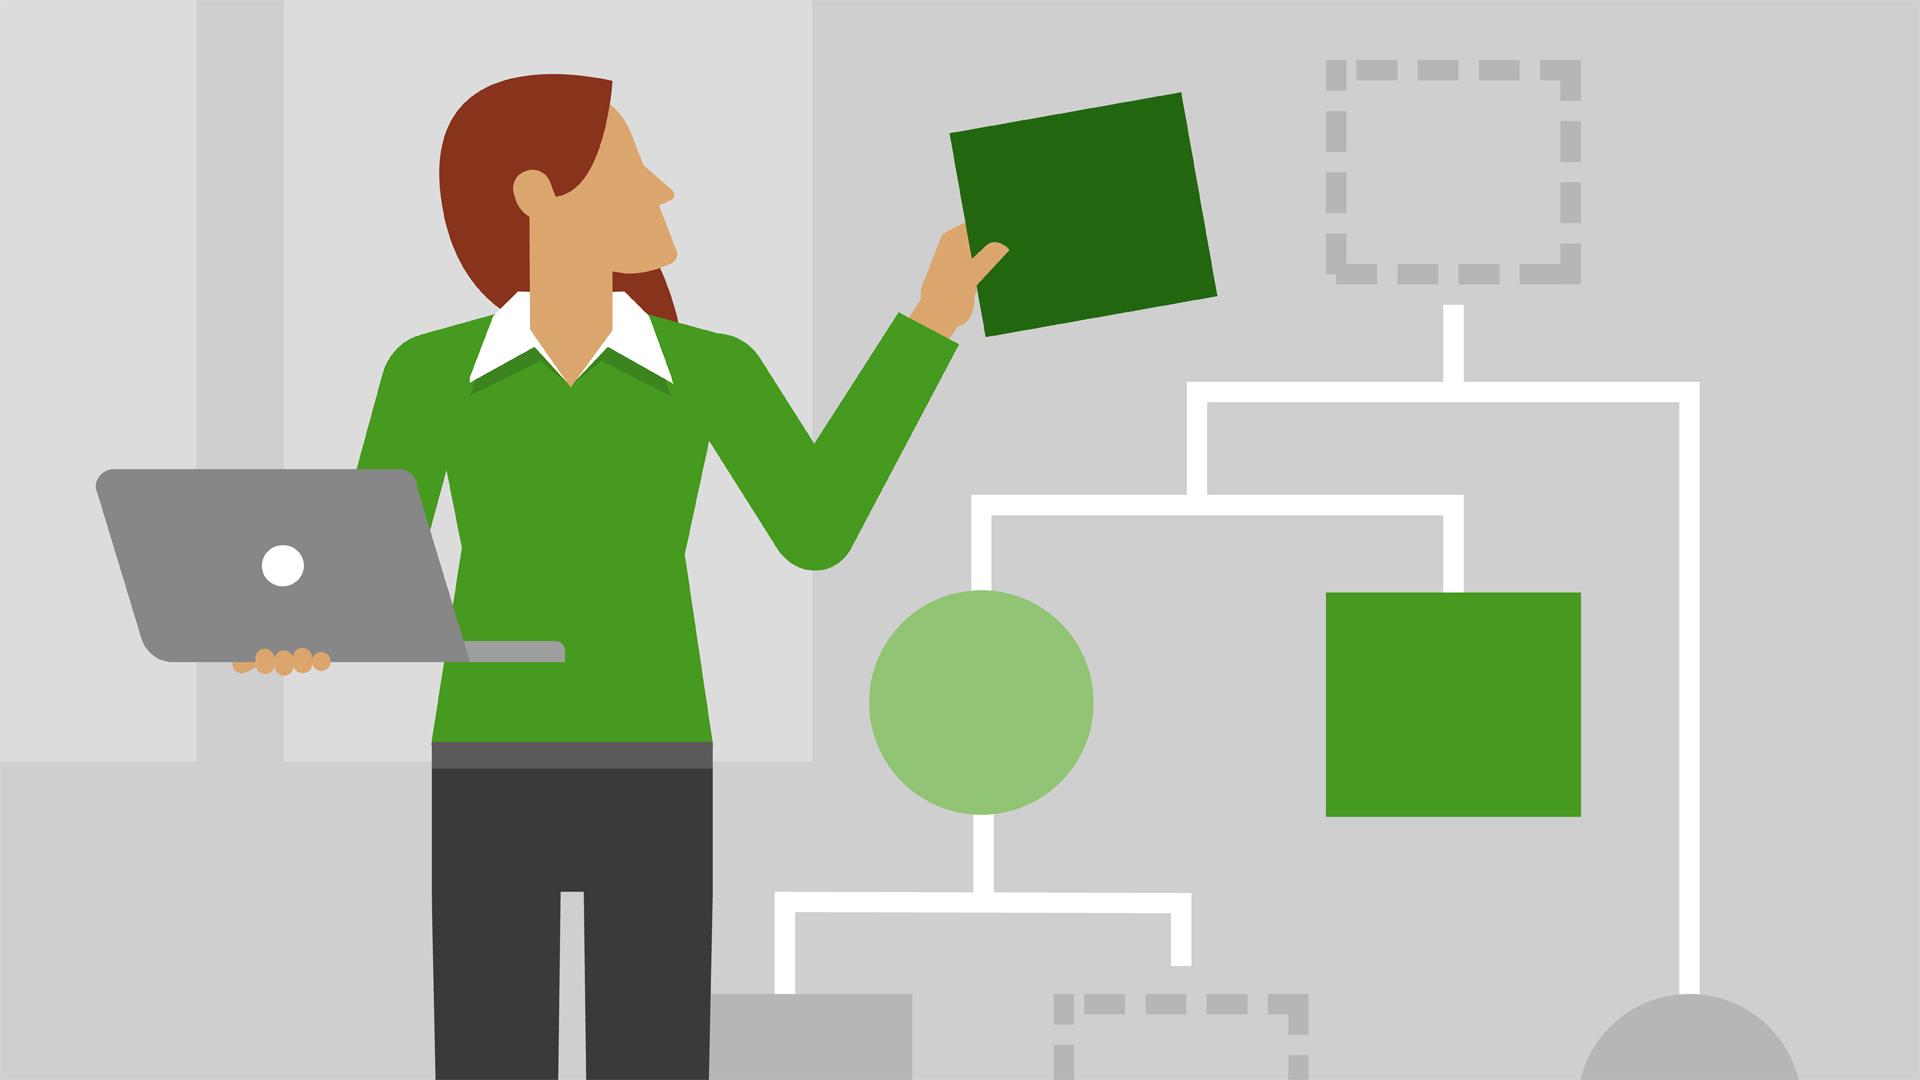 Understanding Information Architecture